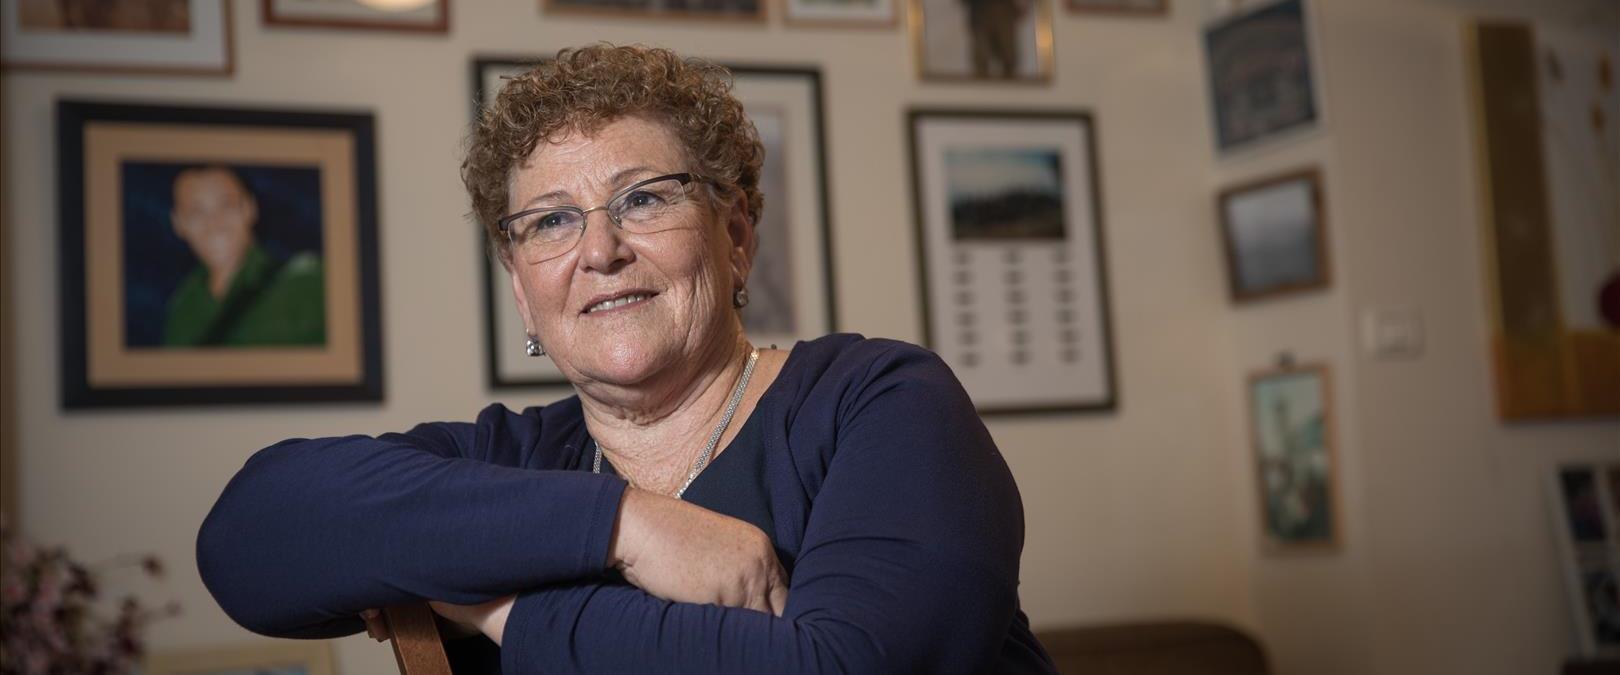 Miriam Peretz, pourrait devenir la première femme présidente d'Israël